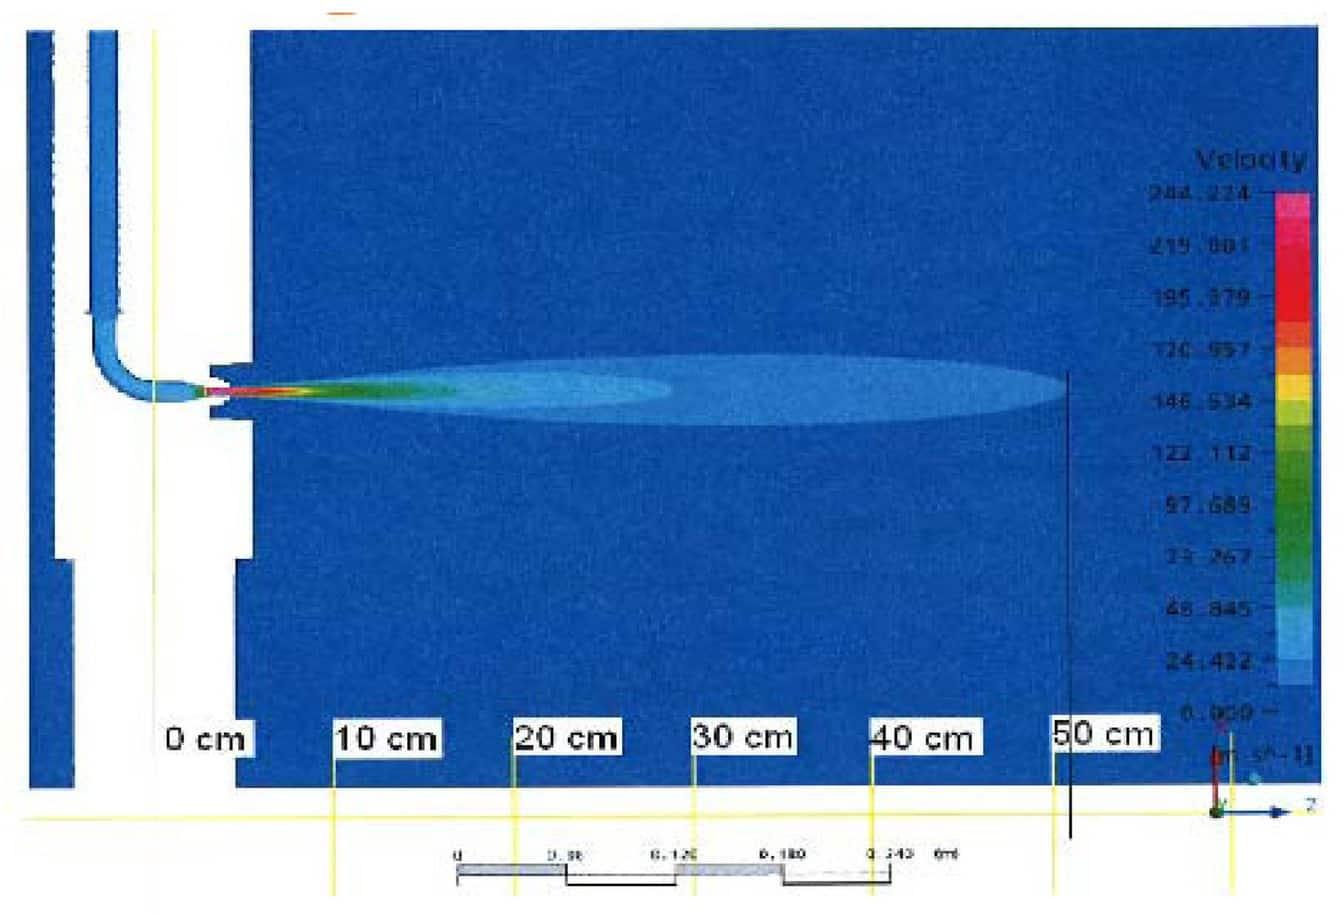 La velocità di penetrazione del fluido acqua in acqua per monitor ETJ a 300 bar